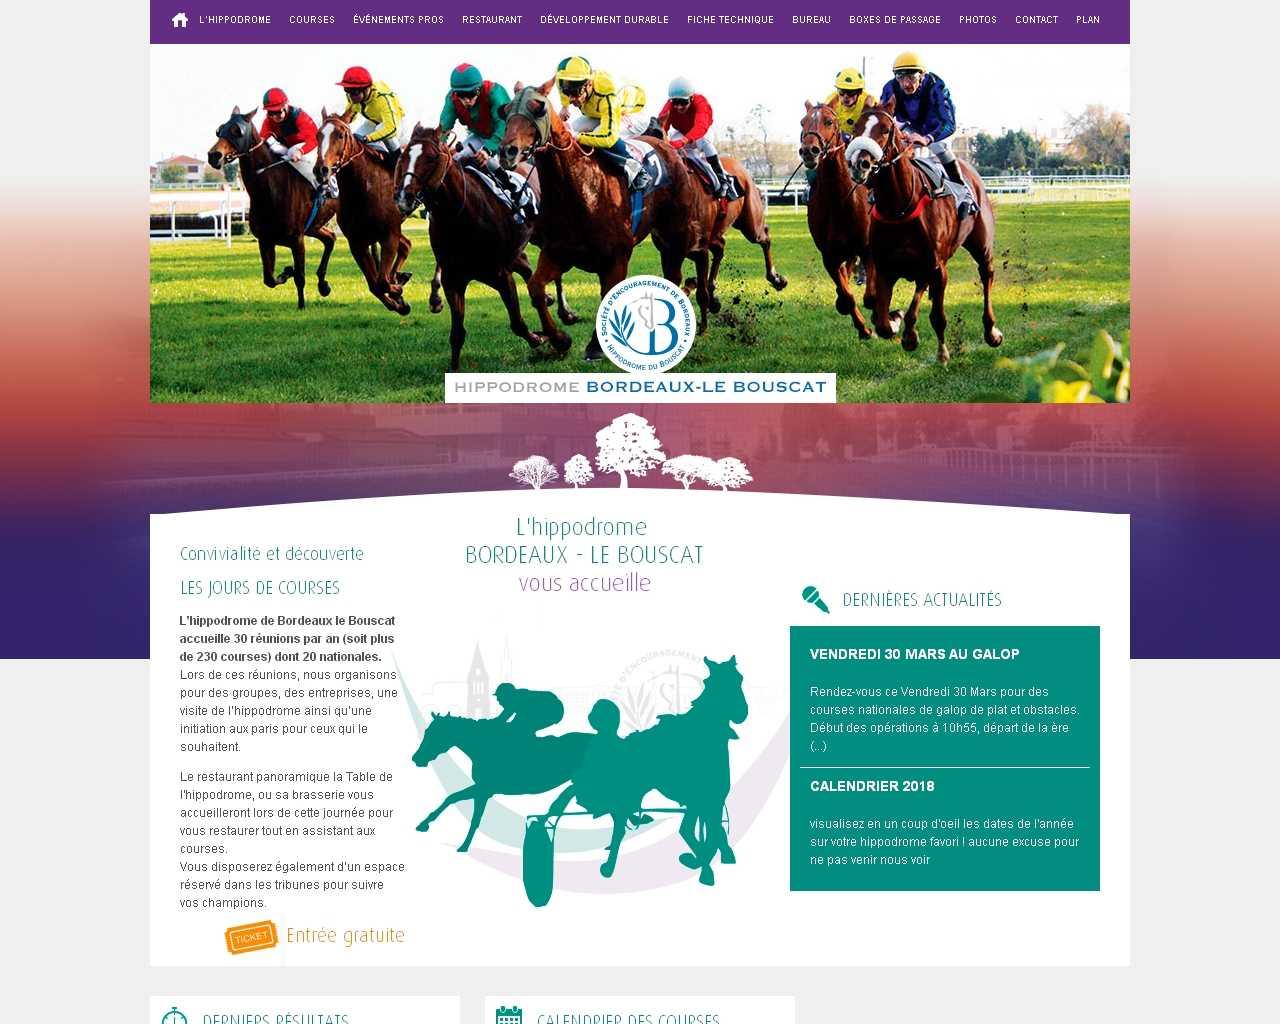 Visuel du site Hippodrome Bordeaux-Le Bouscat